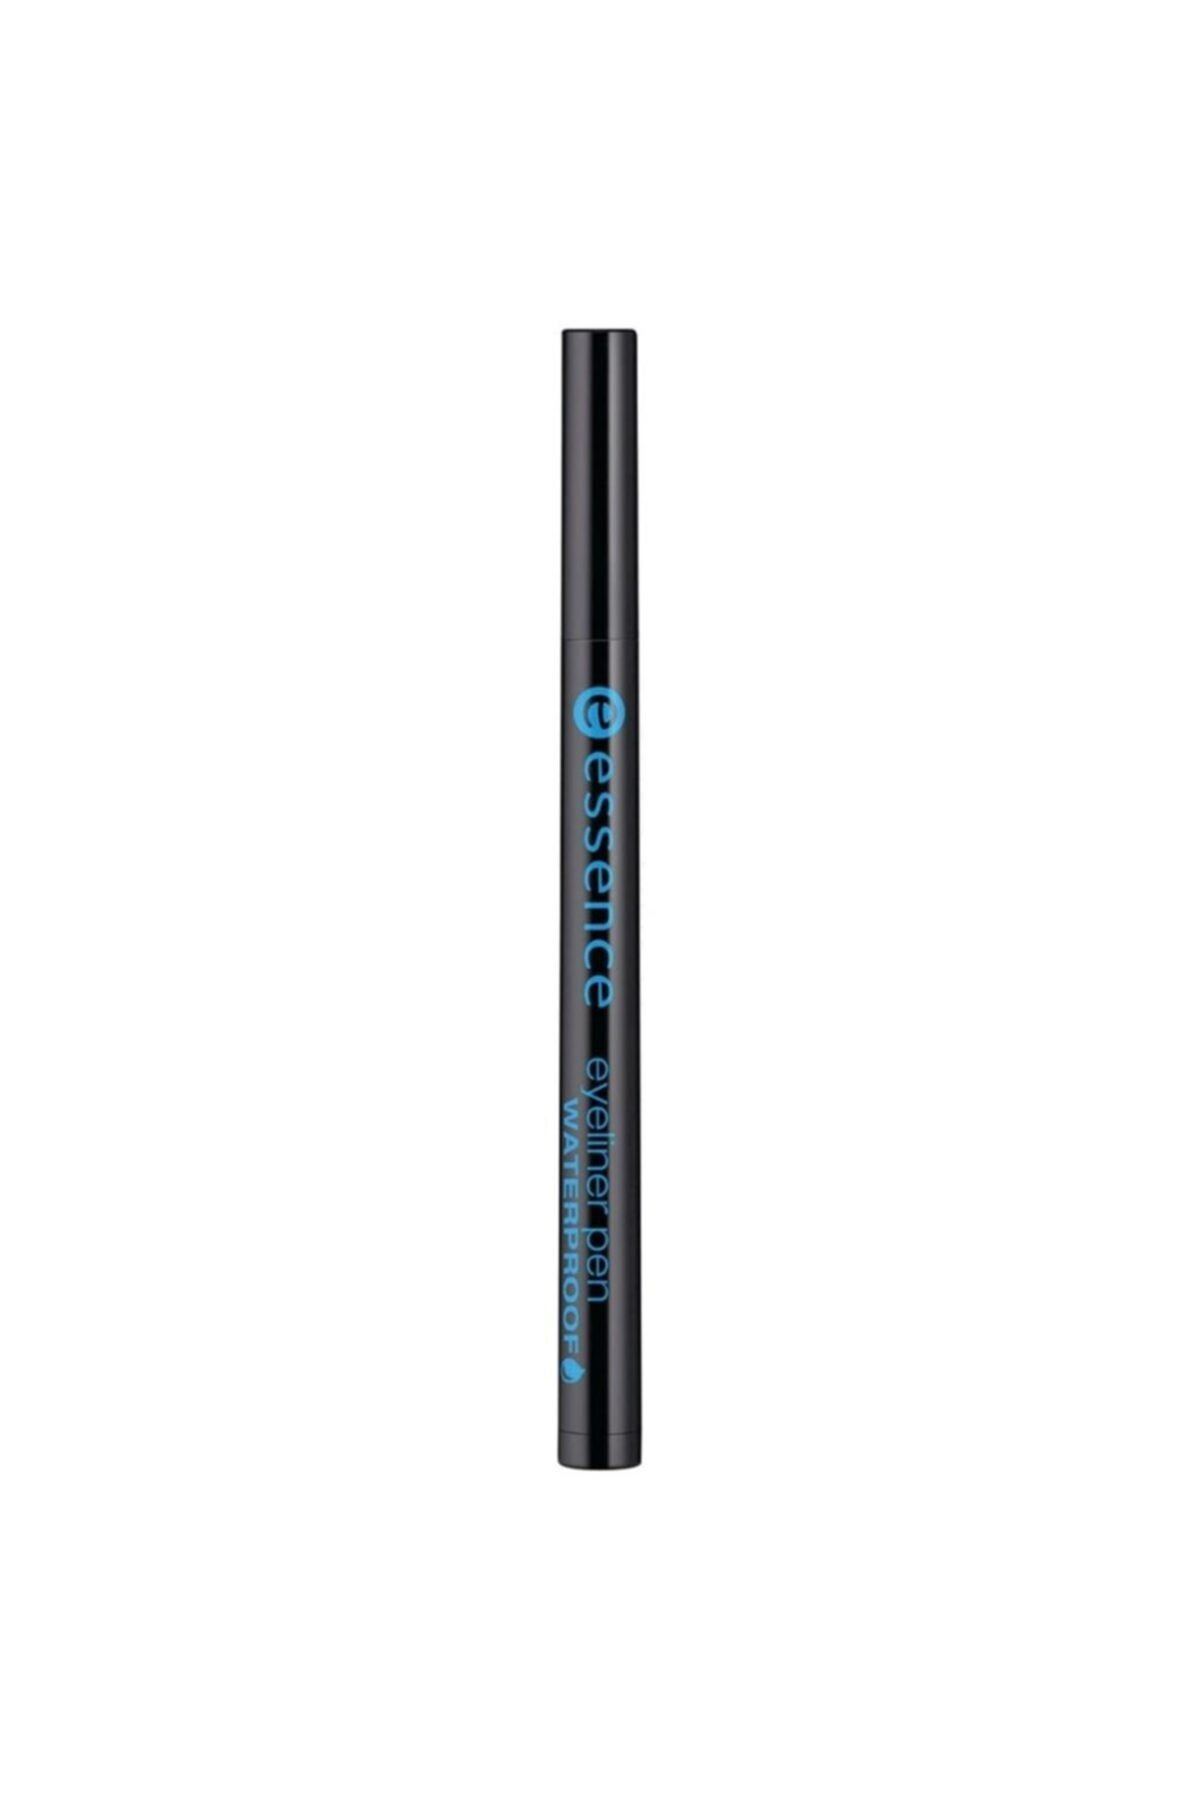 Essence Eyeliner Pen Waterproof Suya Dayanıklı Kalem Eyeliner No 01 2